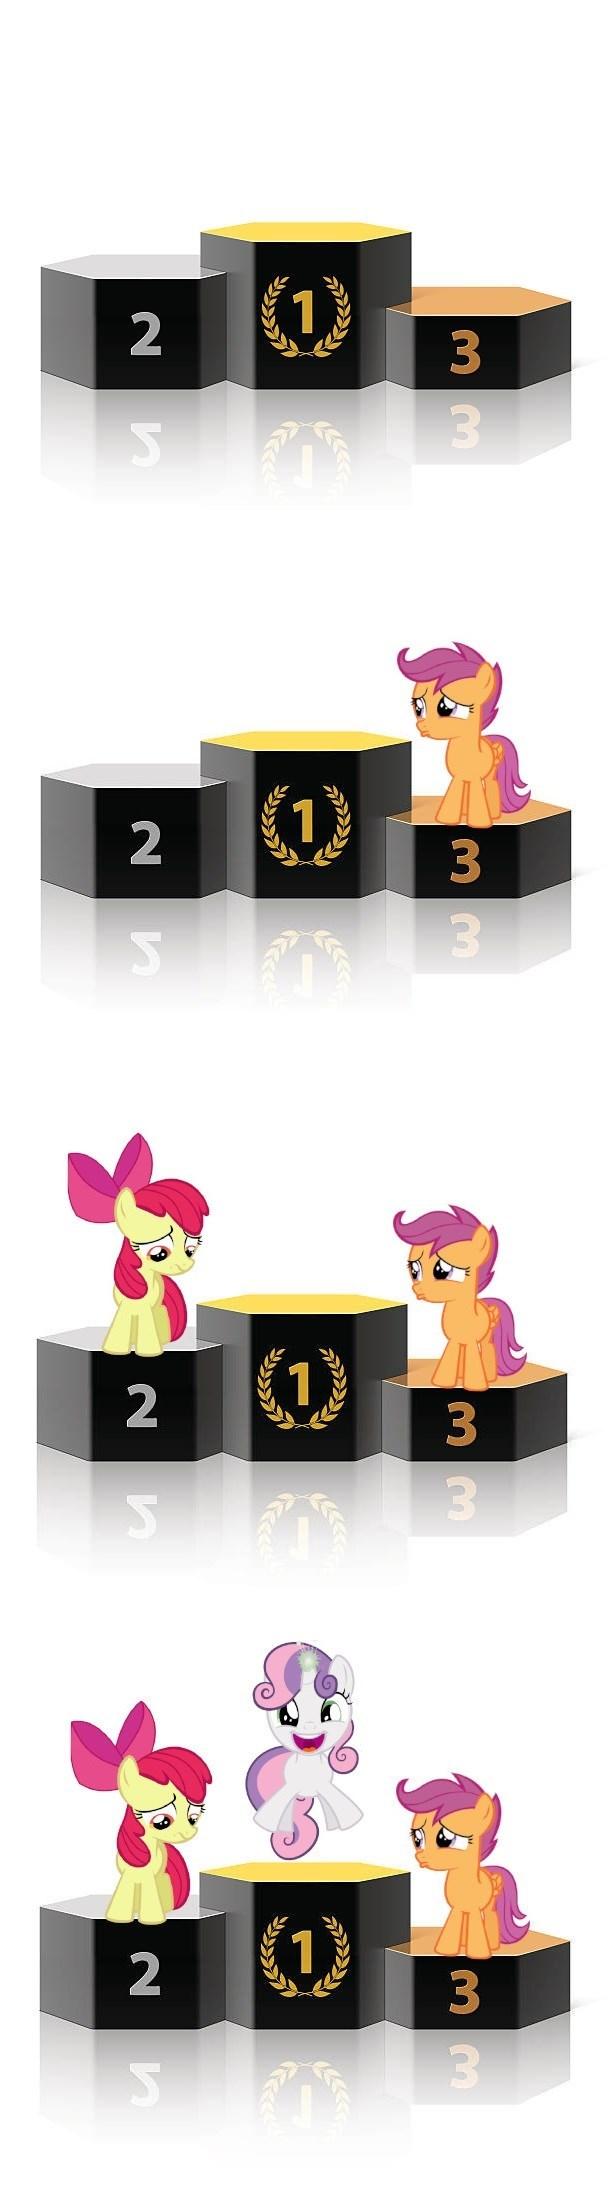 Sweetie Belle apple bloom best pony Scootaloo - 9230619136